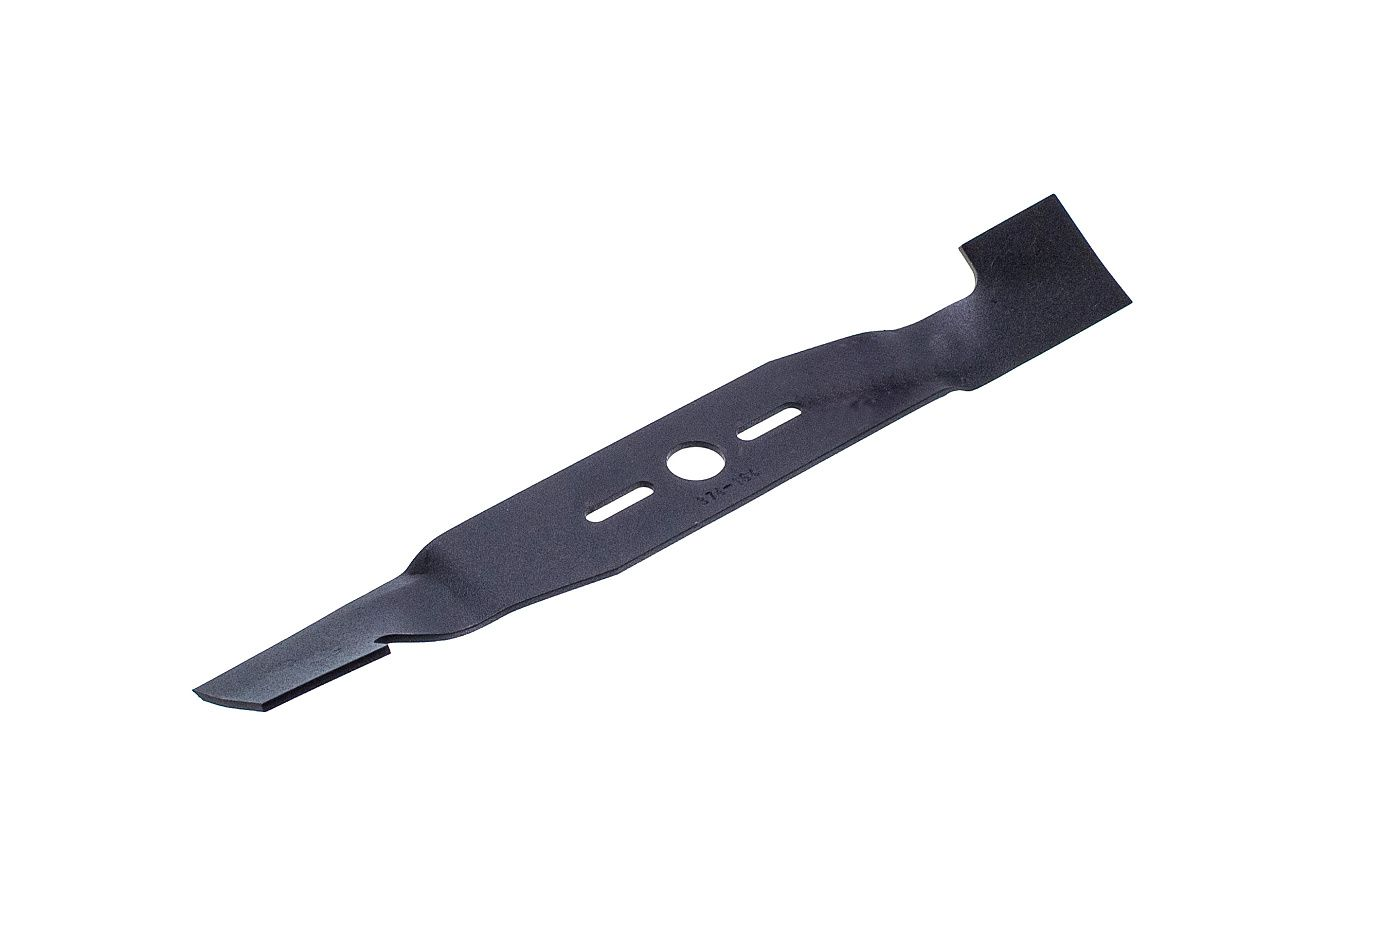 Nôž elektrických kosačiek Alko 38 So zberom NOVÝ TYP